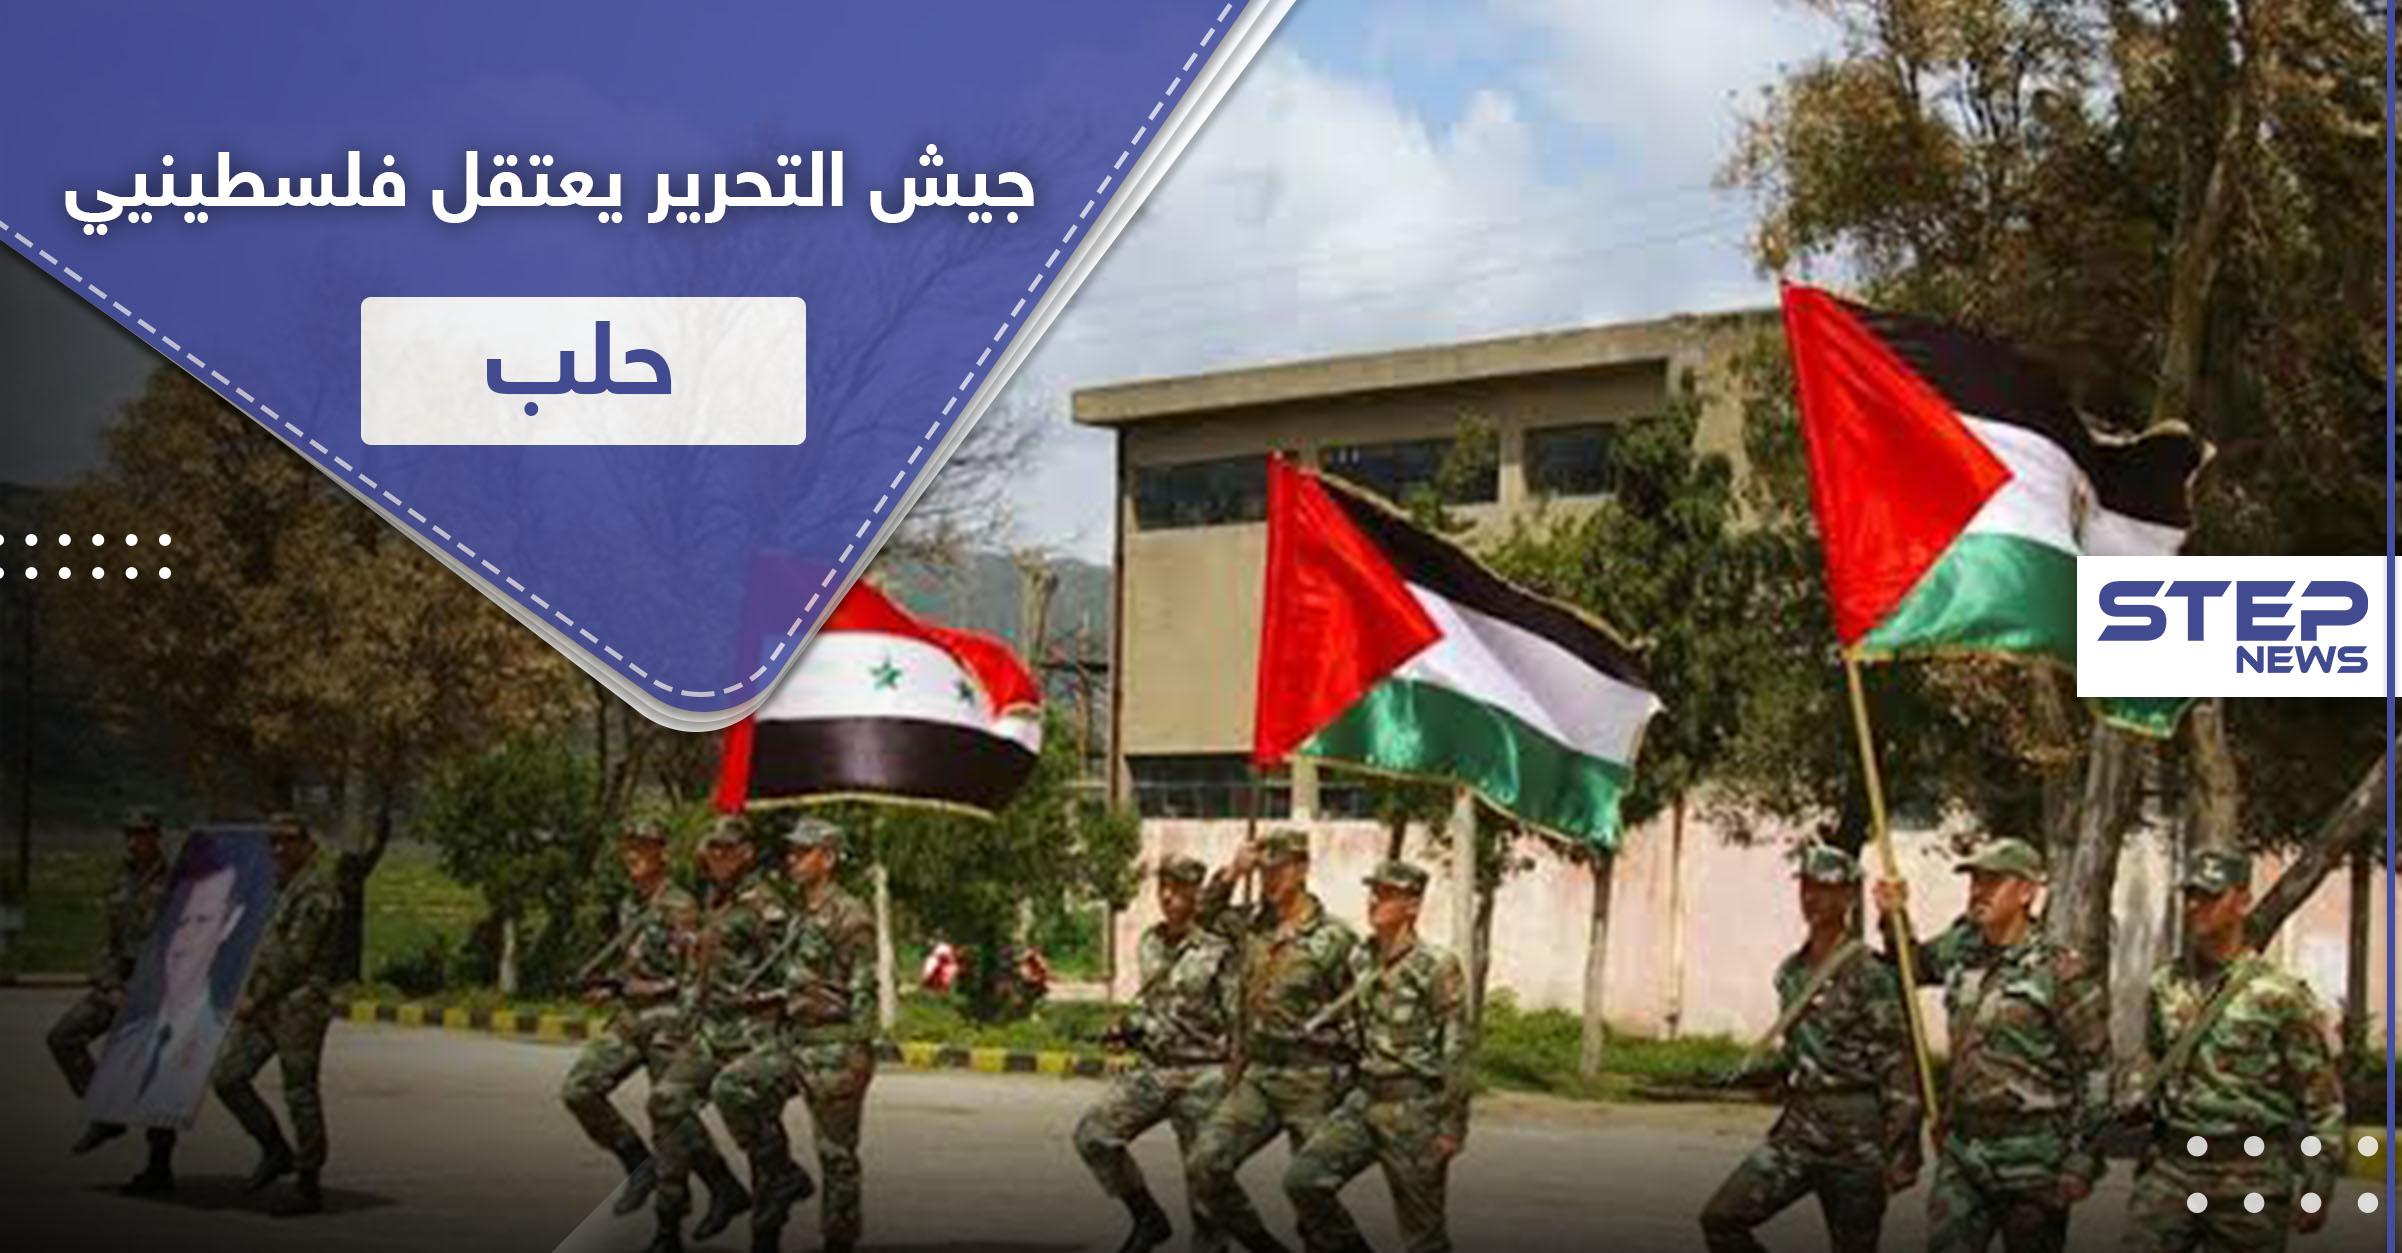 جيش التحرير الفلسطيني يعتقل عشرات الشبان الفلسطينيين